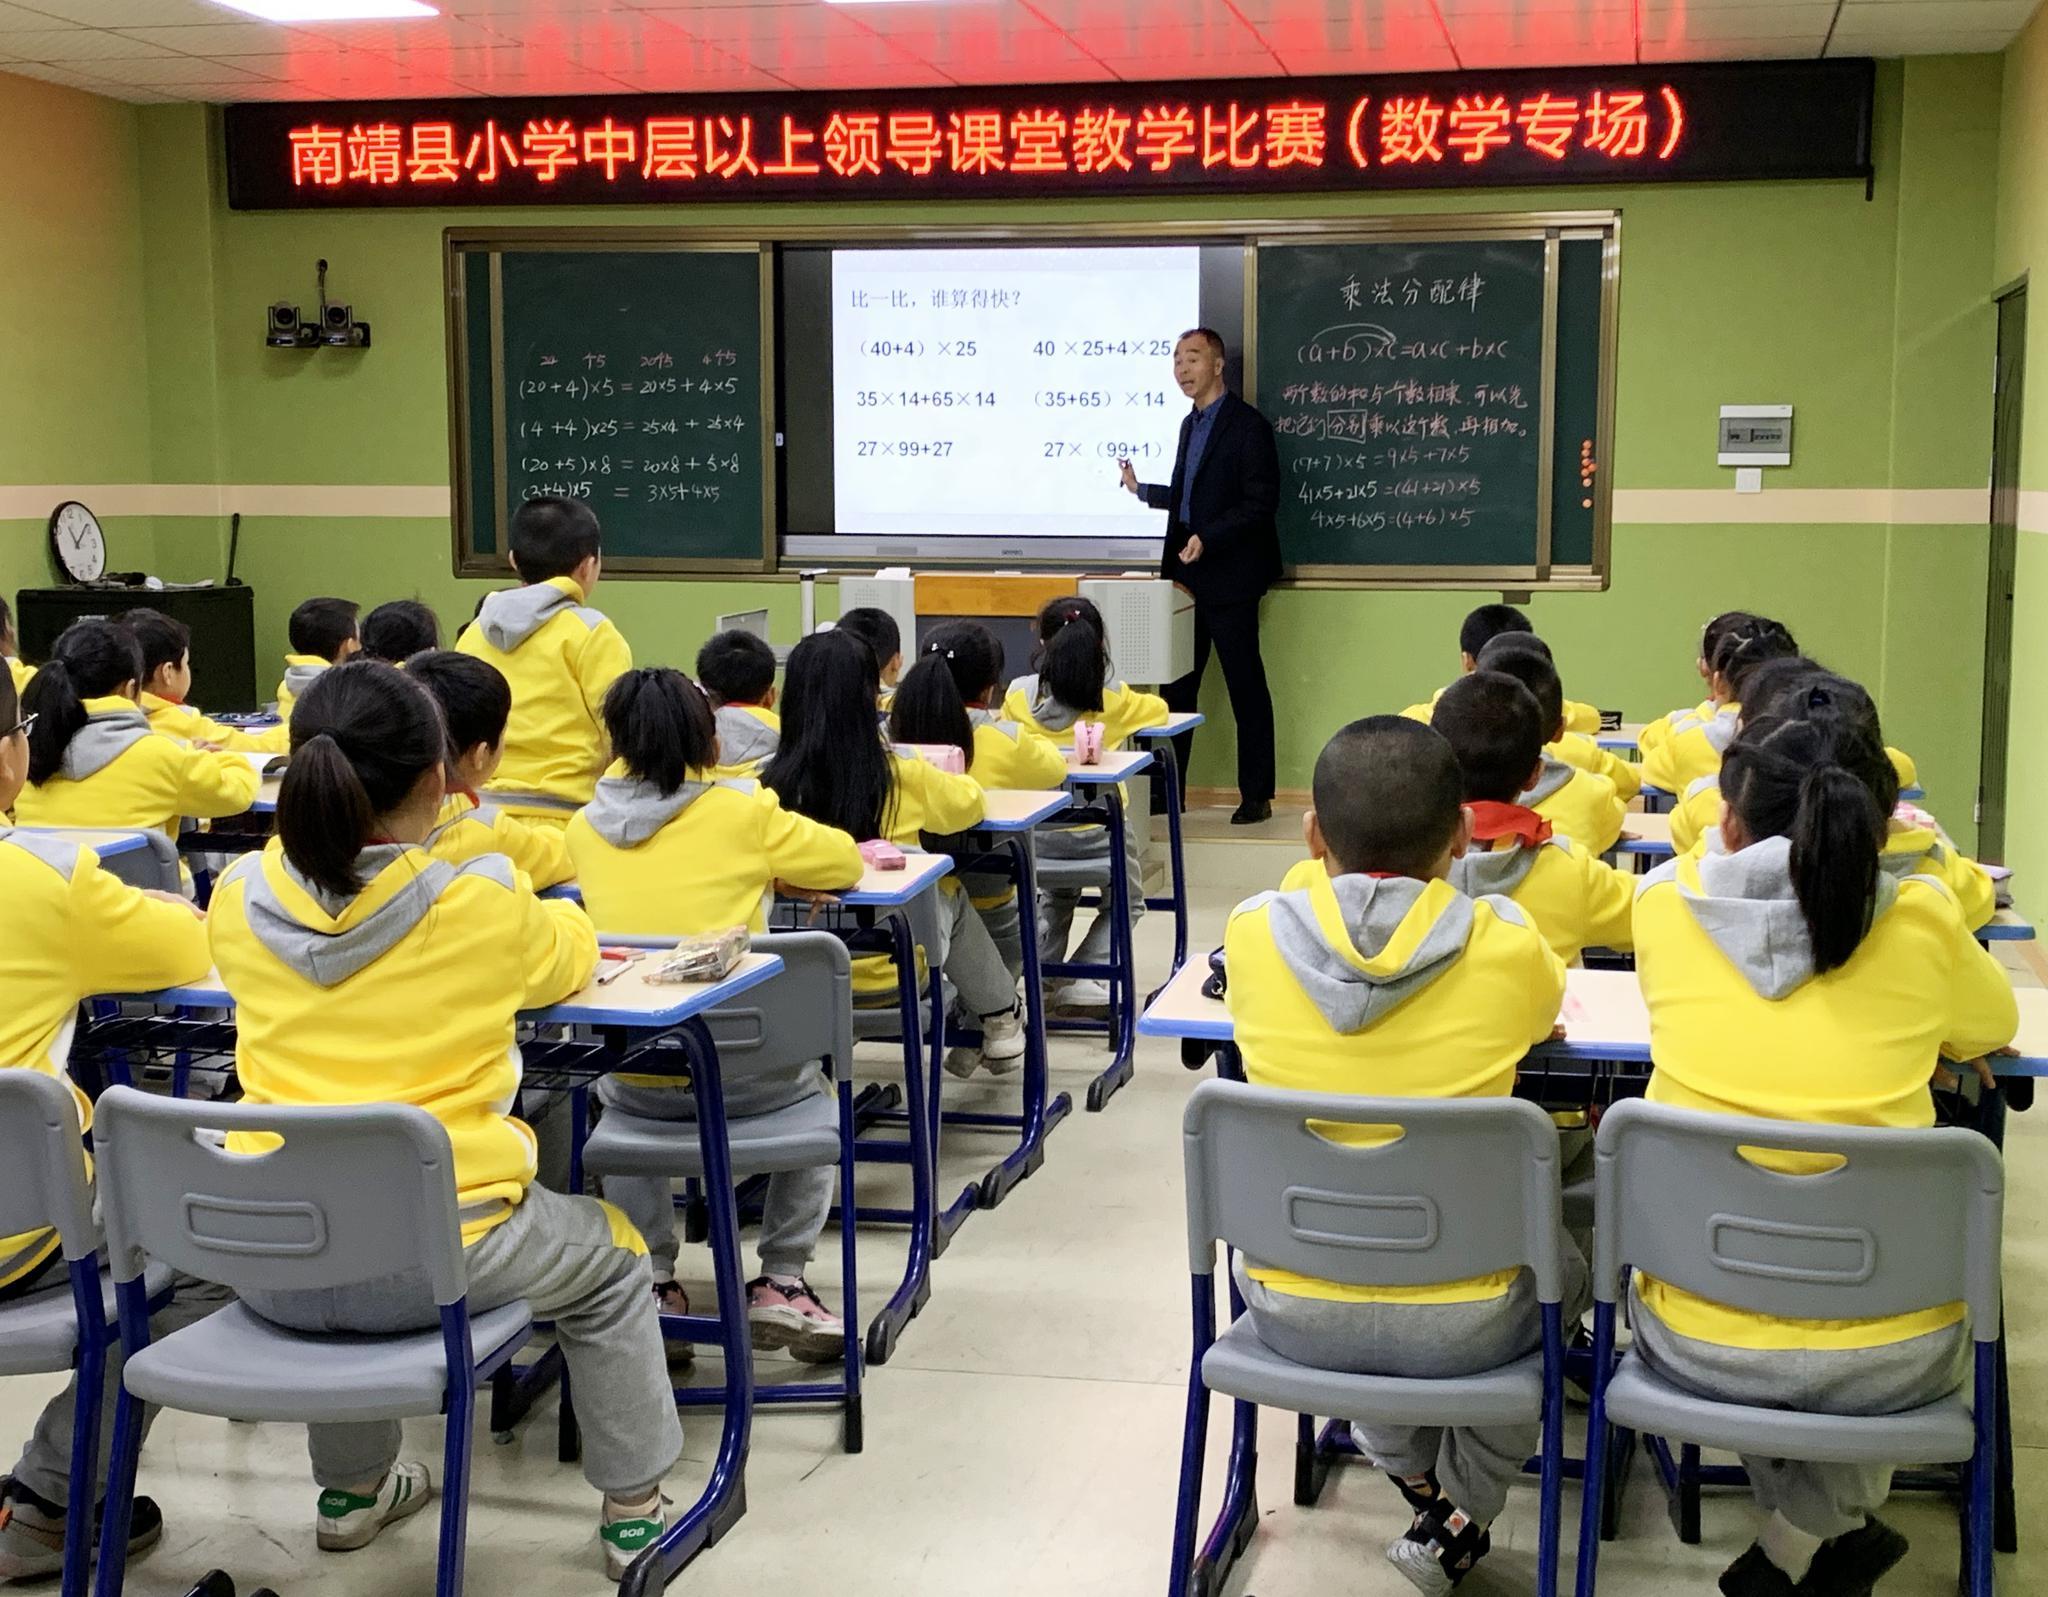 领导专业也要强!南靖开展小学中层以上领导教学比赛